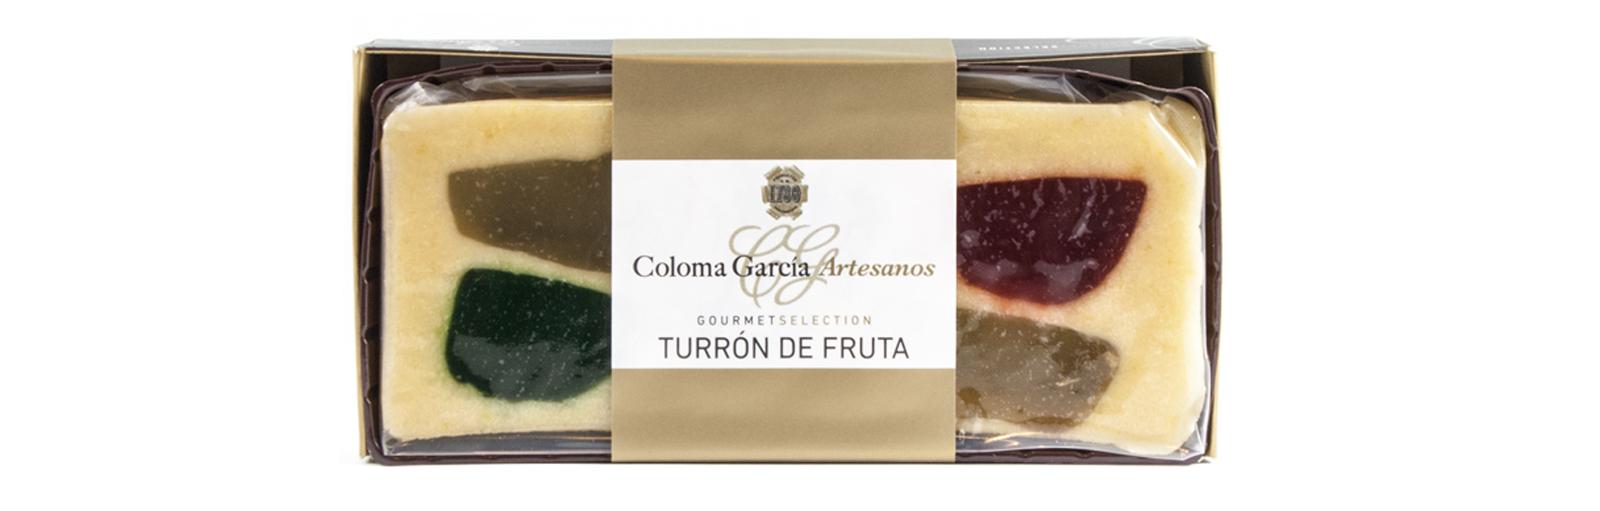 TURRÓN DE FRUTAS RILSAN GOURMET